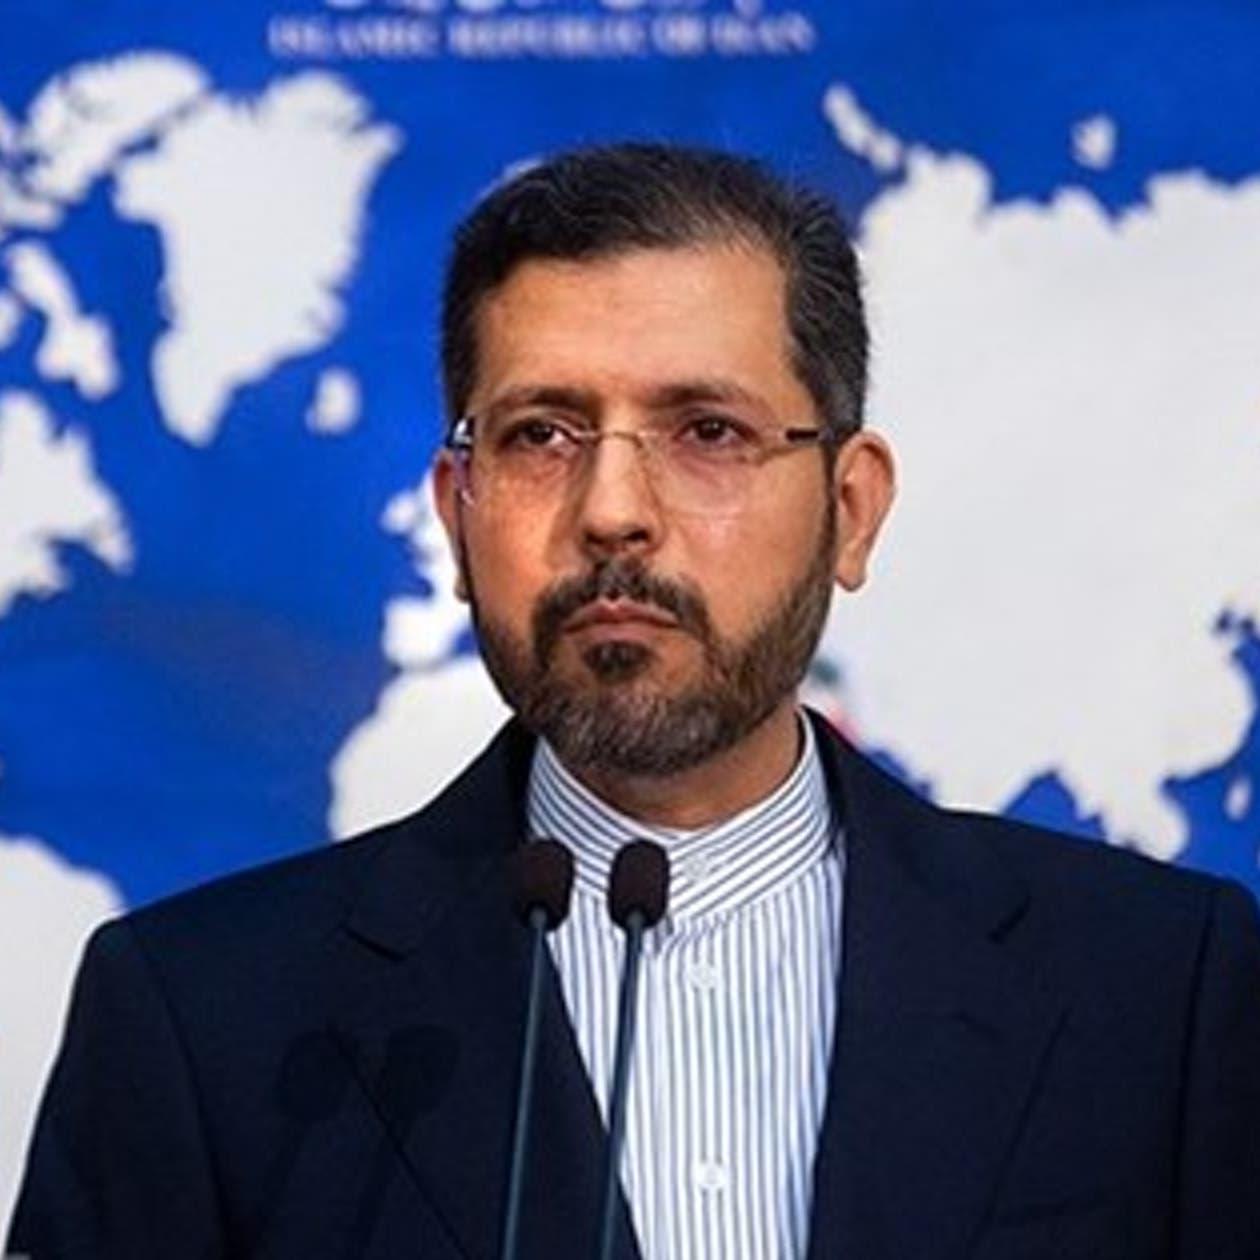 إيران: ننظر بتفاؤل للحوار مع السعودية